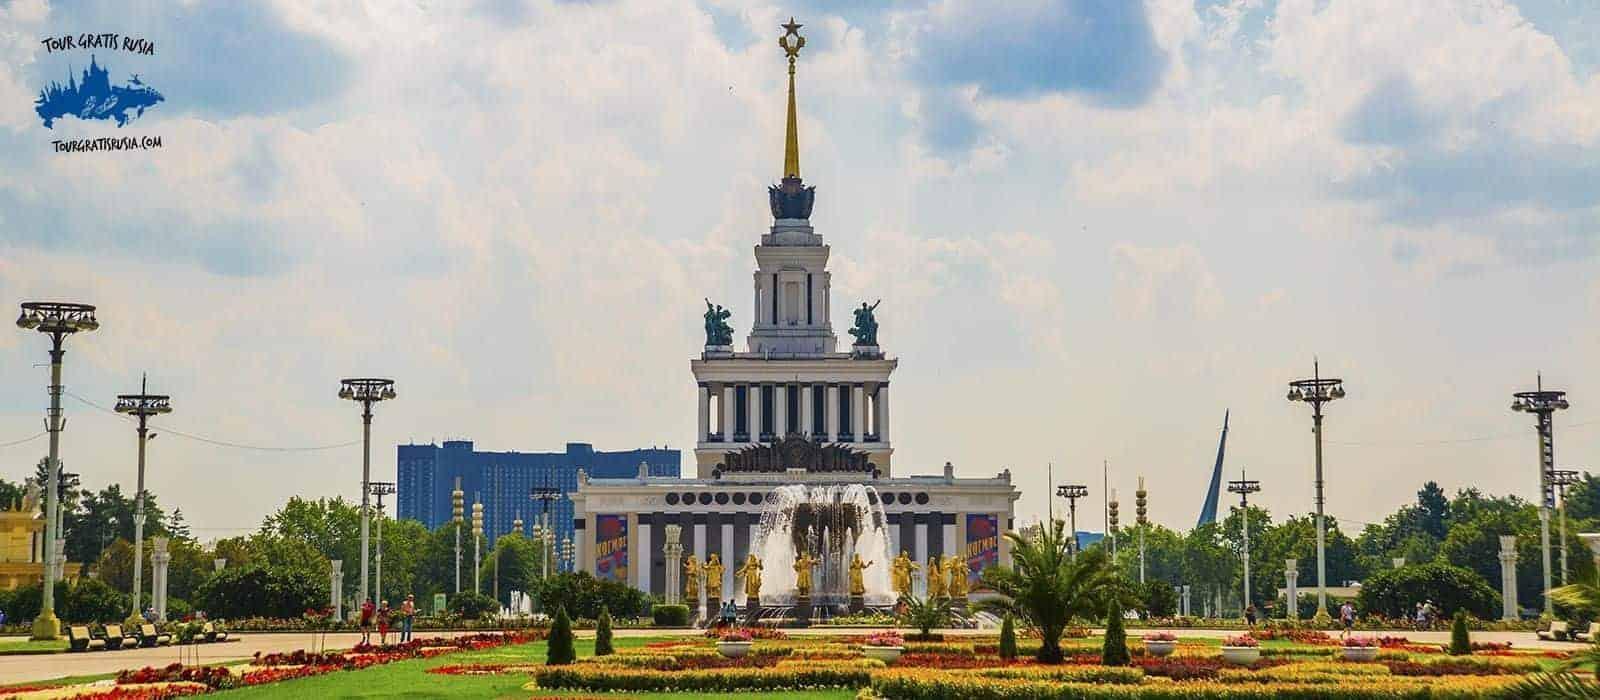 Tour Paquete corto centro-gratis y Soviético en Moscú